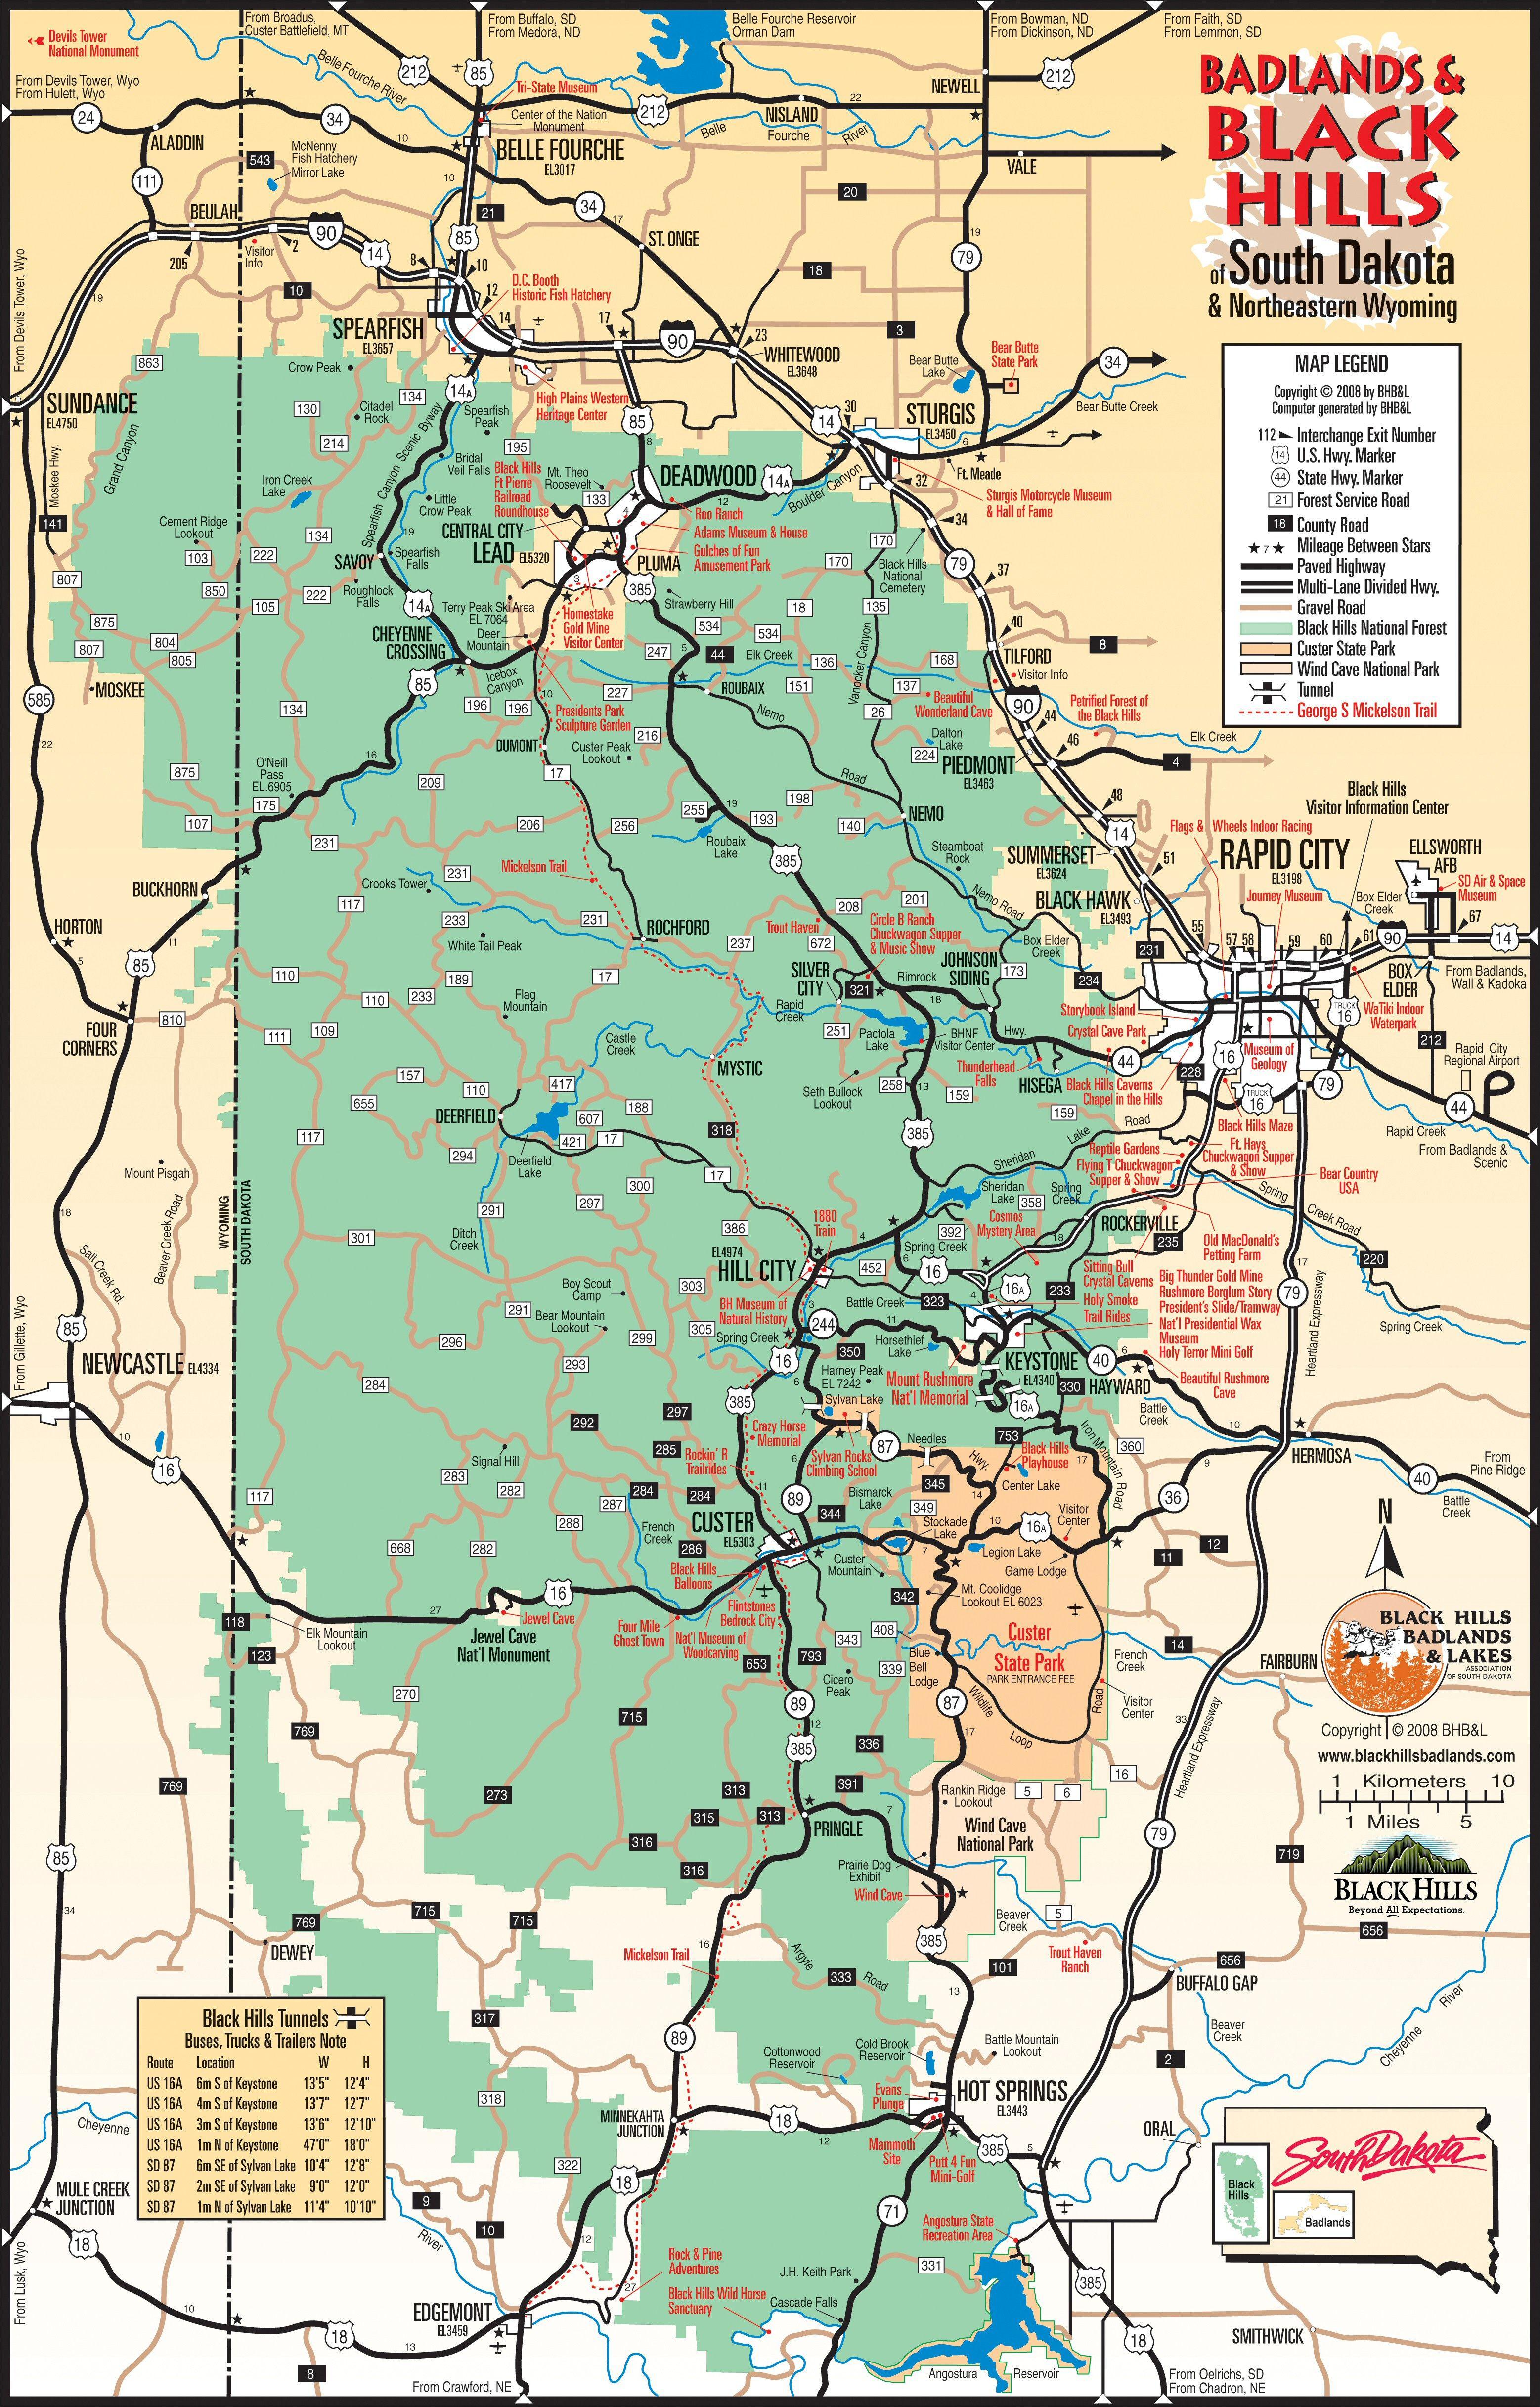 Badlands and Black Hills South Dakota thinking of traveling on